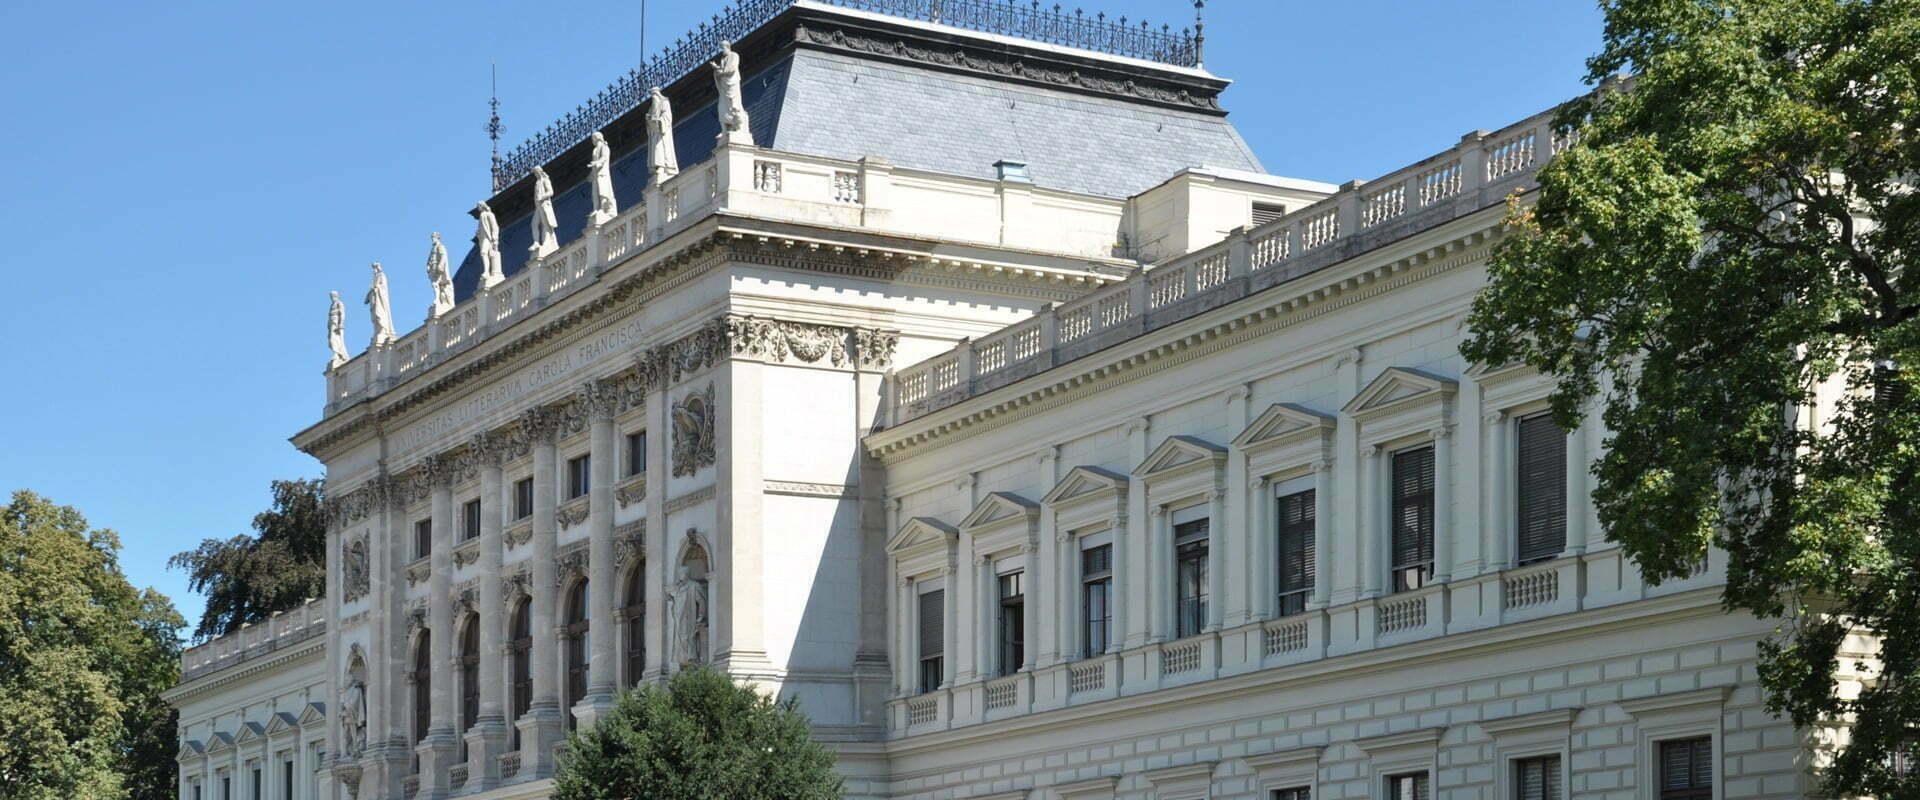 Das altehrwürdige Gebäude der Karl-Franzens-Universität Graz – ein Referenzkunde der EASY SOFTWARE